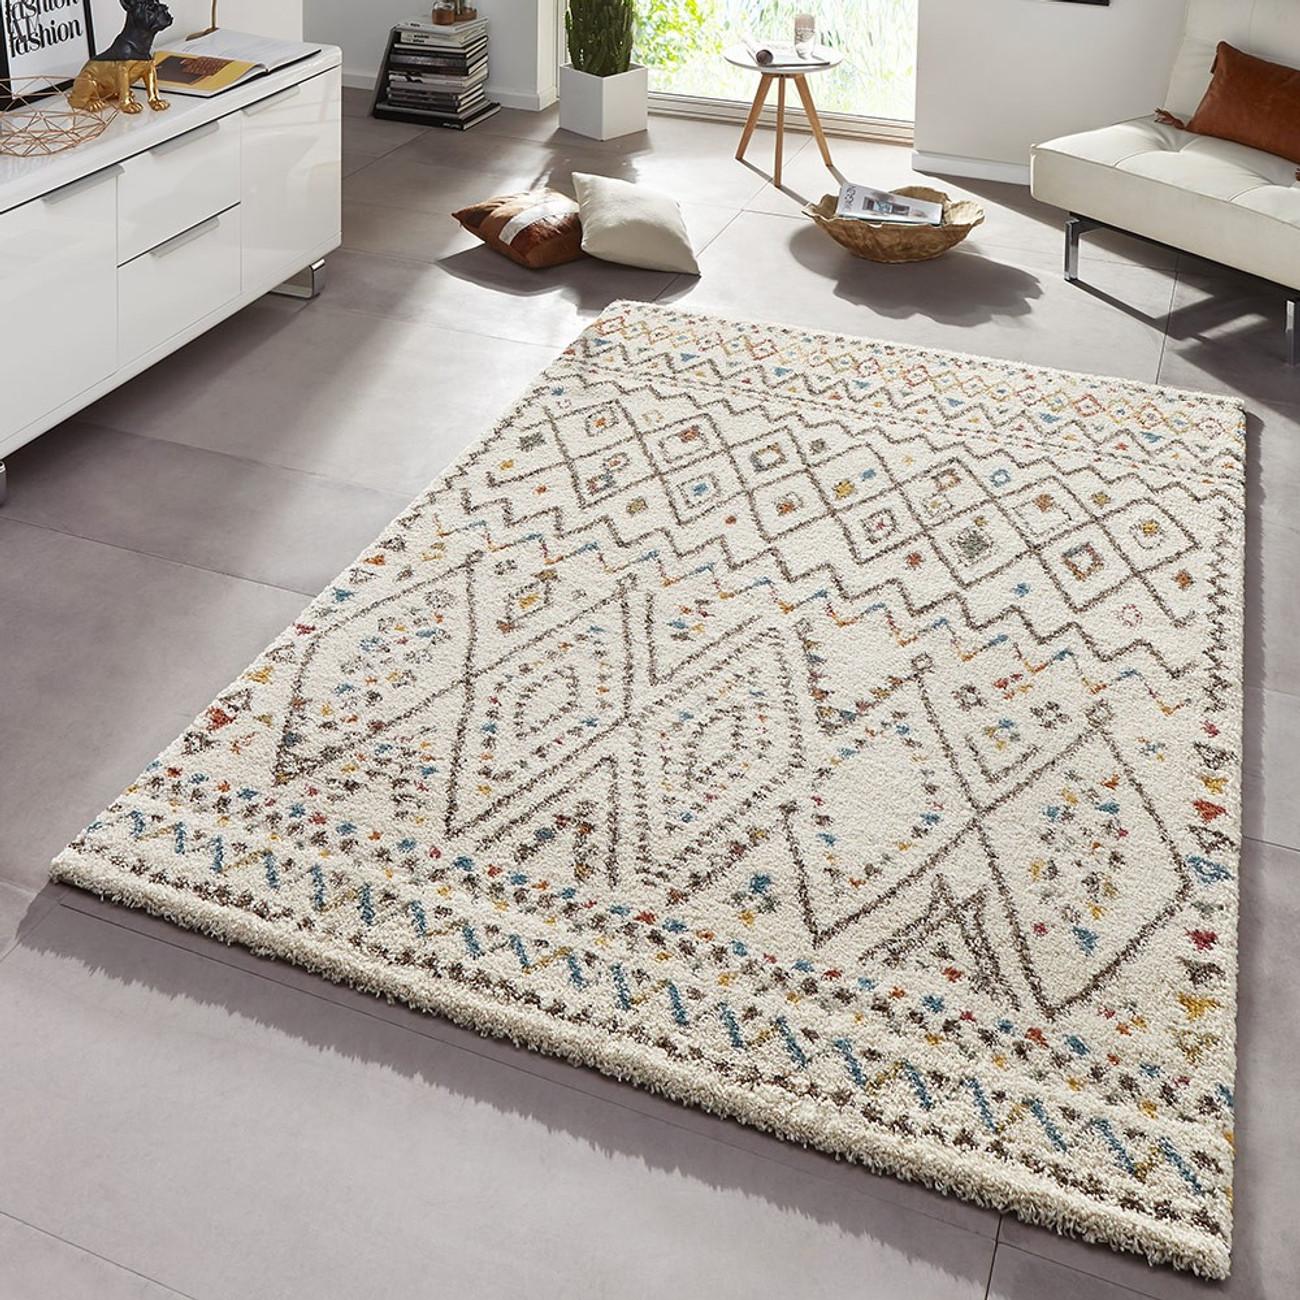 design teppich hochflor langflor inka gemustert creme bunt. Black Bedroom Furniture Sets. Home Design Ideas